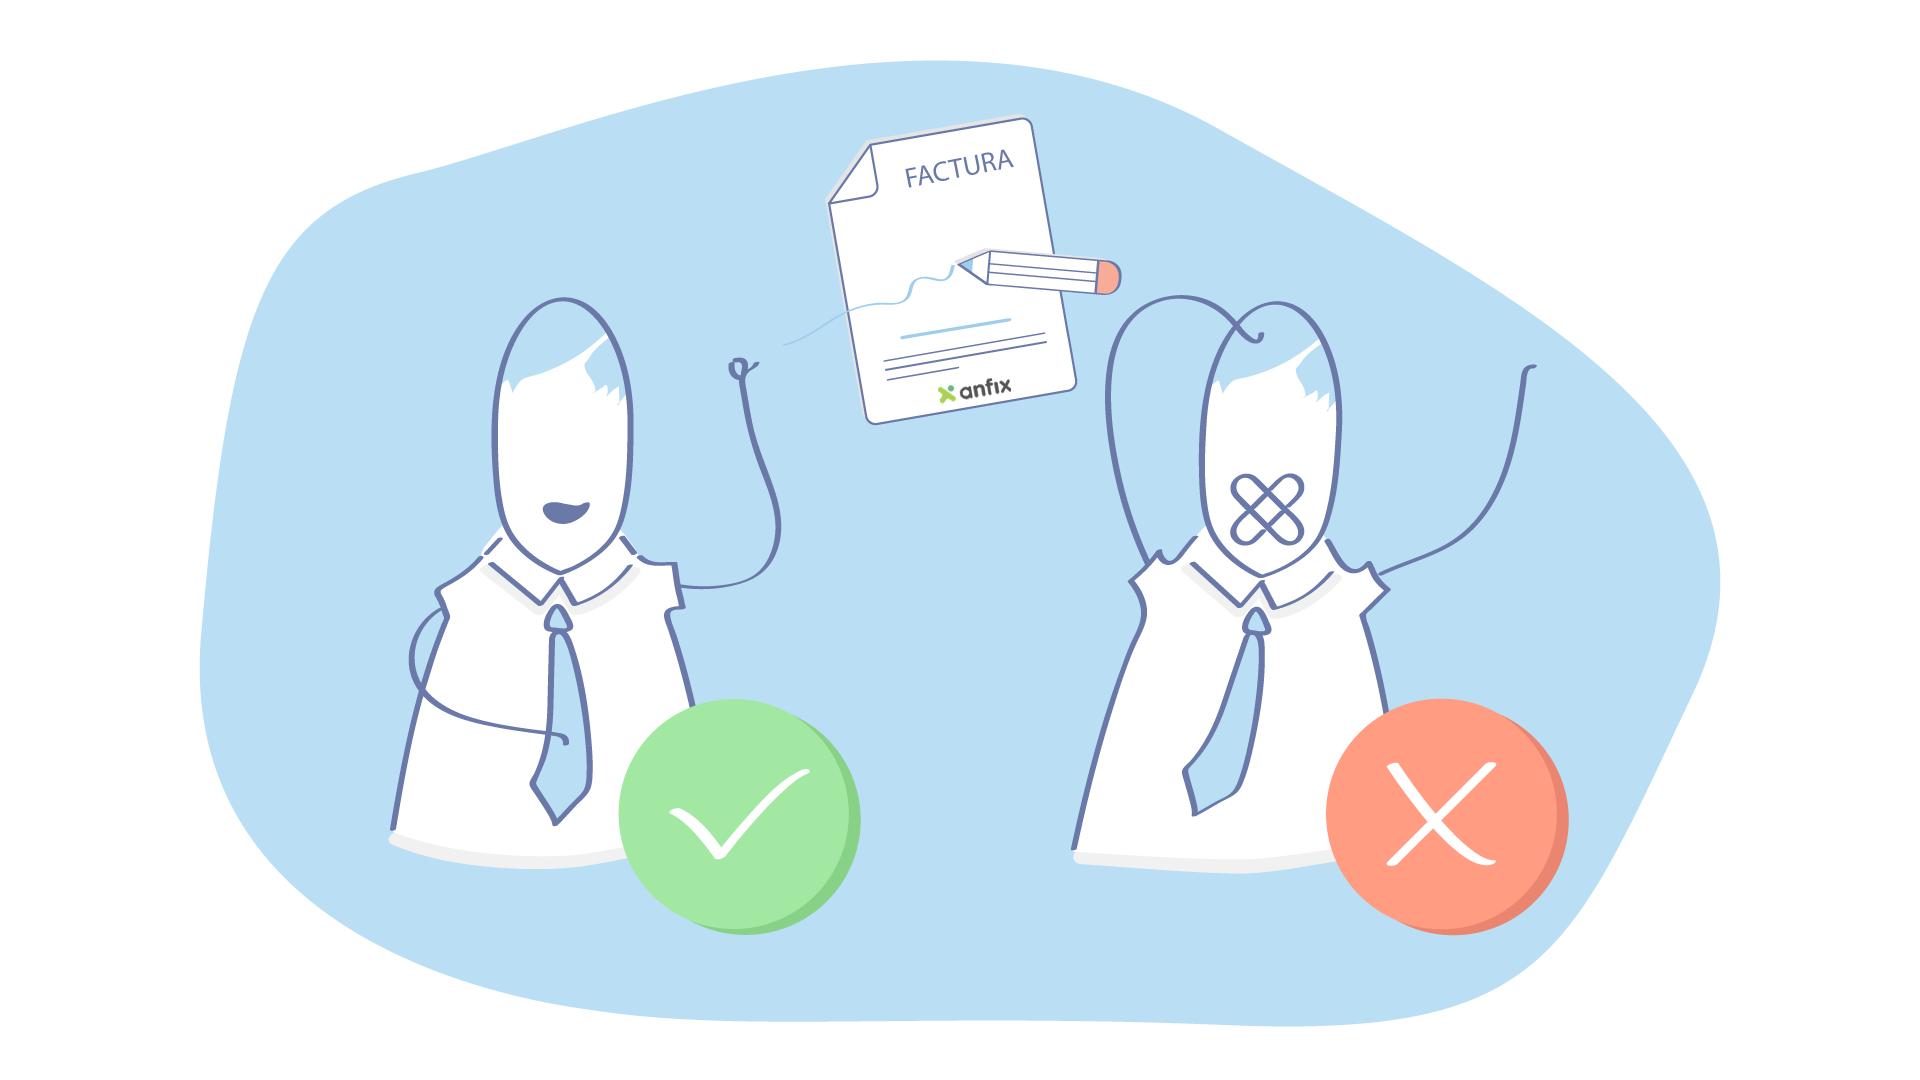 Anular una factura: ¿Cómo cancelar una factura emitida?